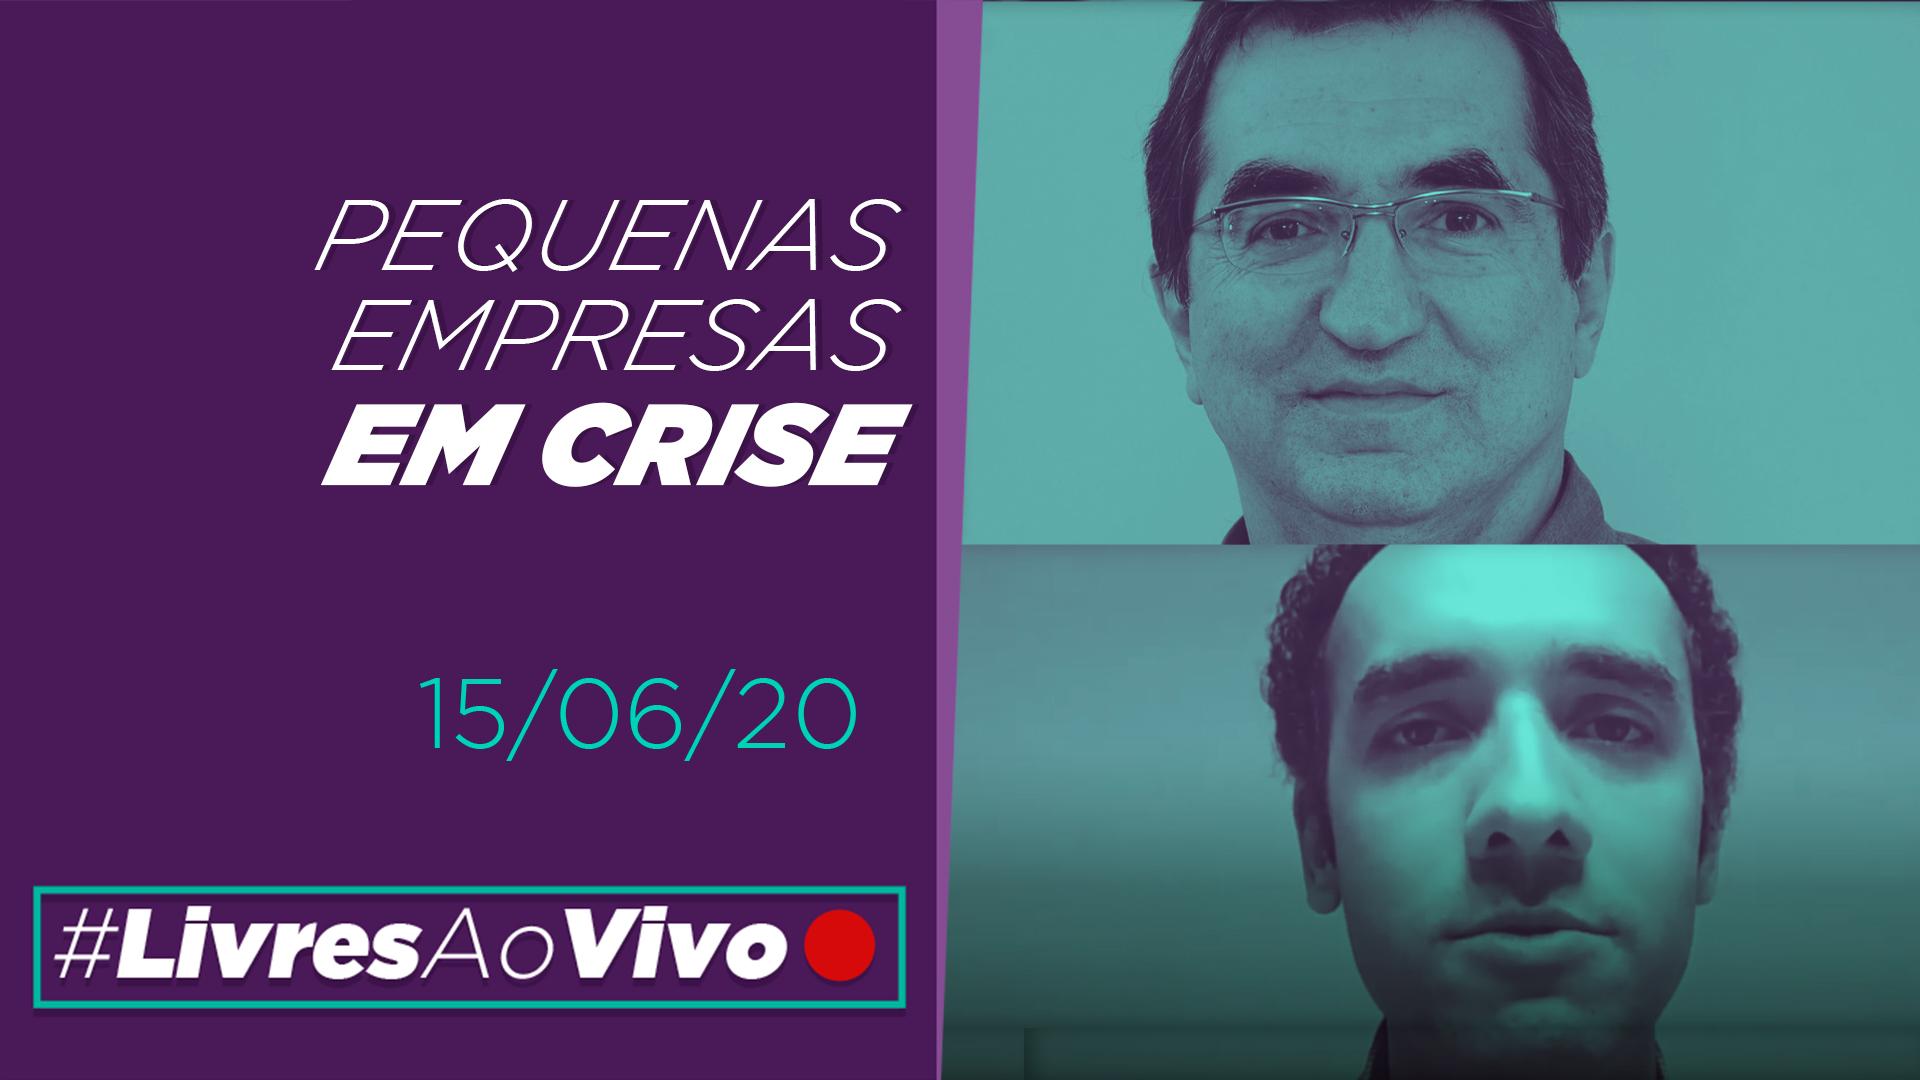 Marco Bonomo e Paulo Ribeiro: Pequenas empresas em crise